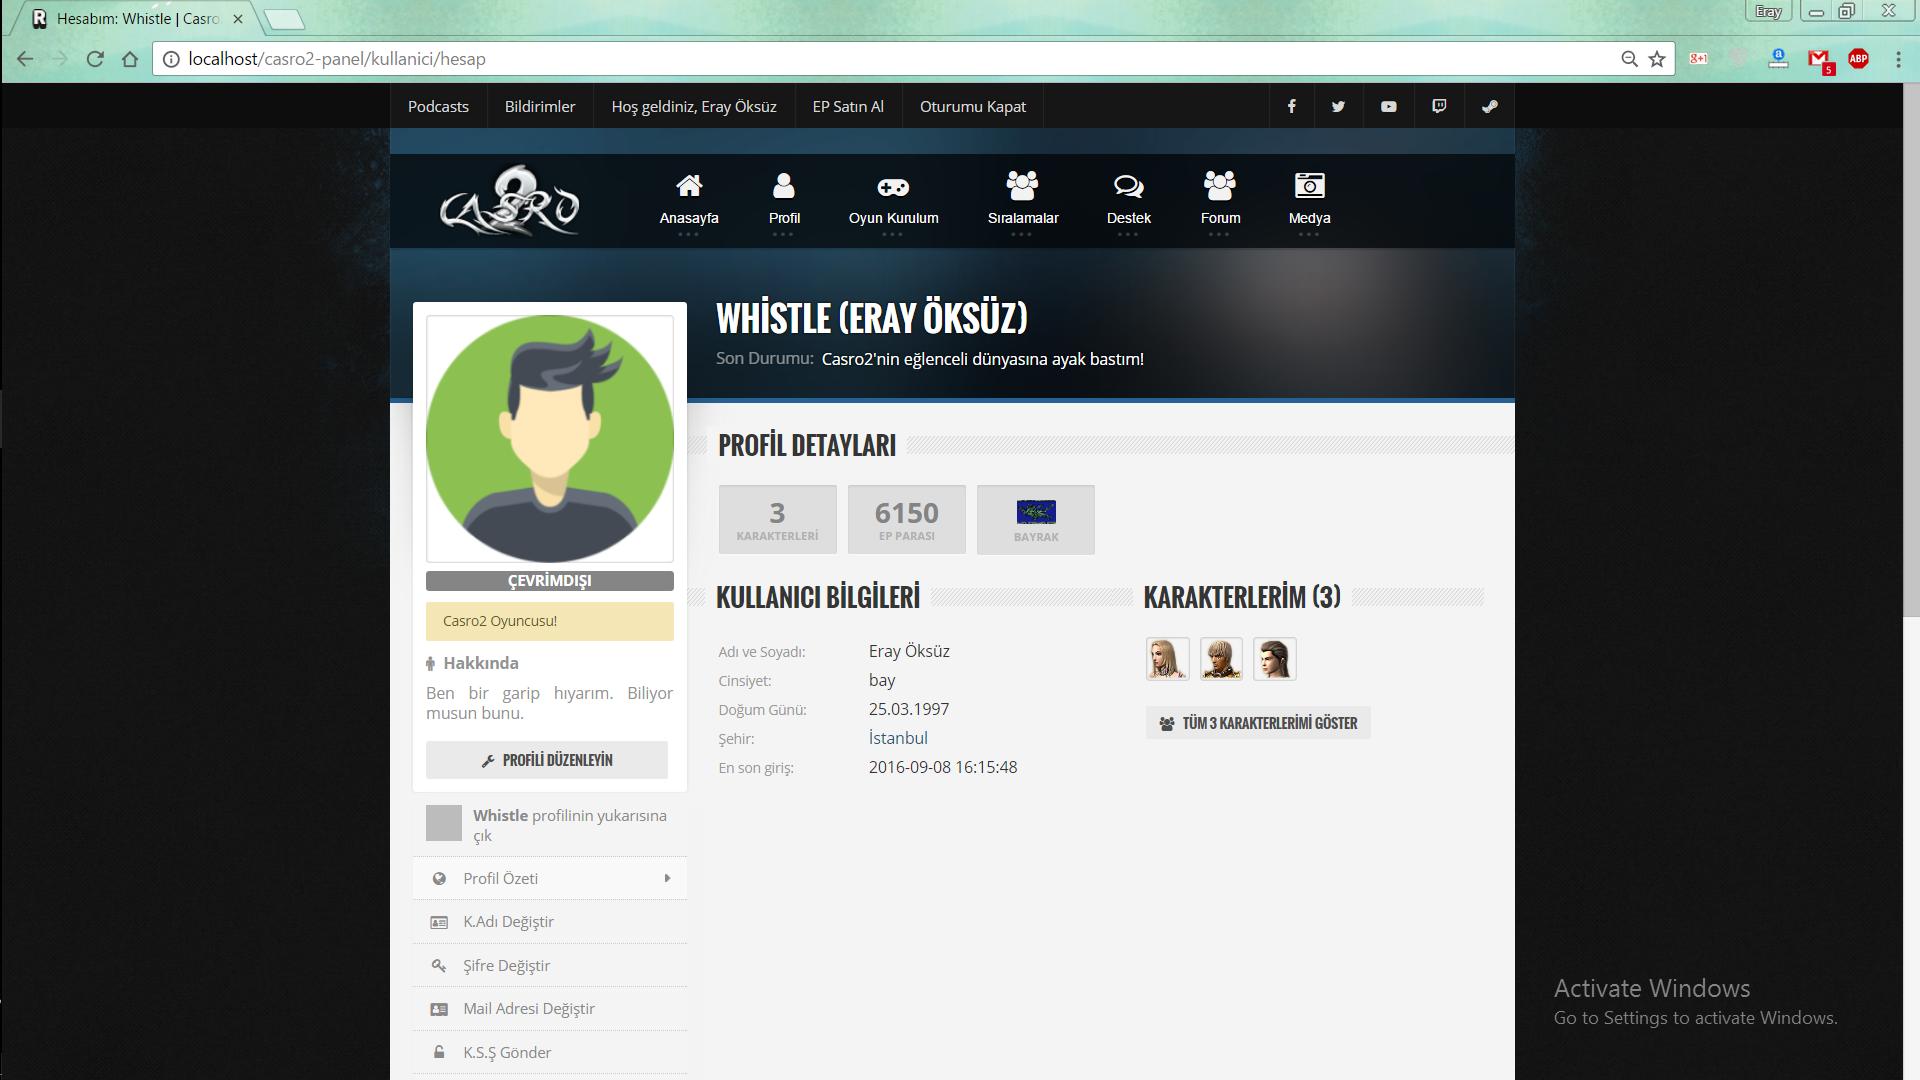 Kullanıcı Profili